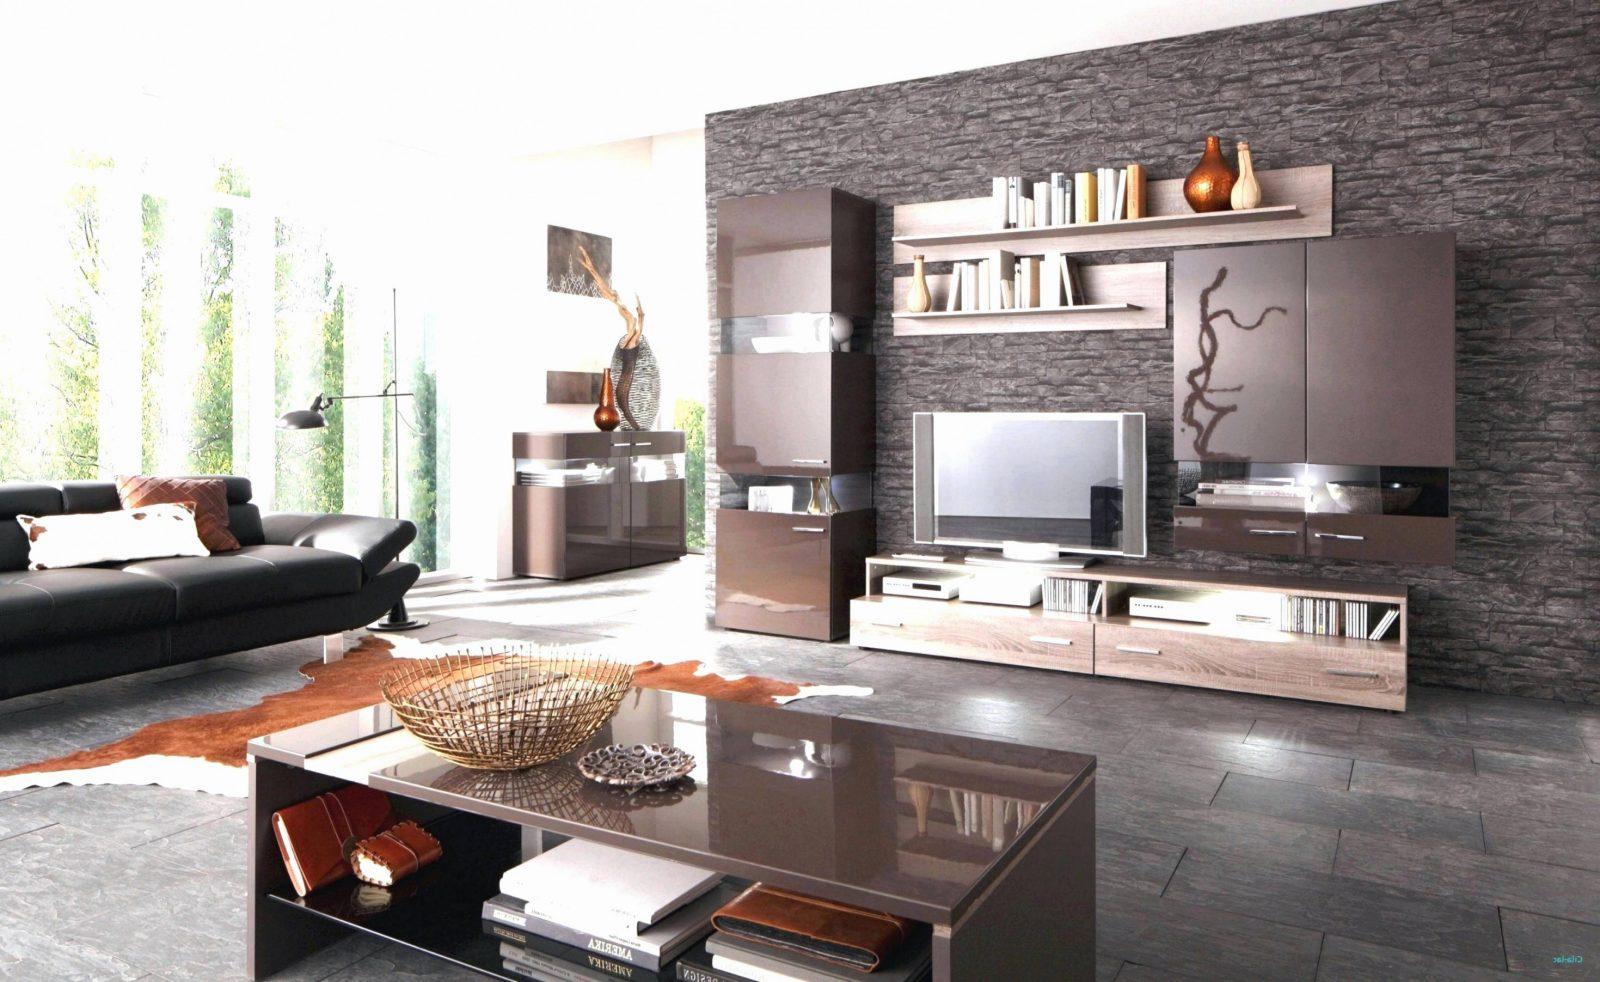 Best Of Holz Deko Wand Wohnzimmer Concept von Dekoration Wohnzimmer Wand Bild